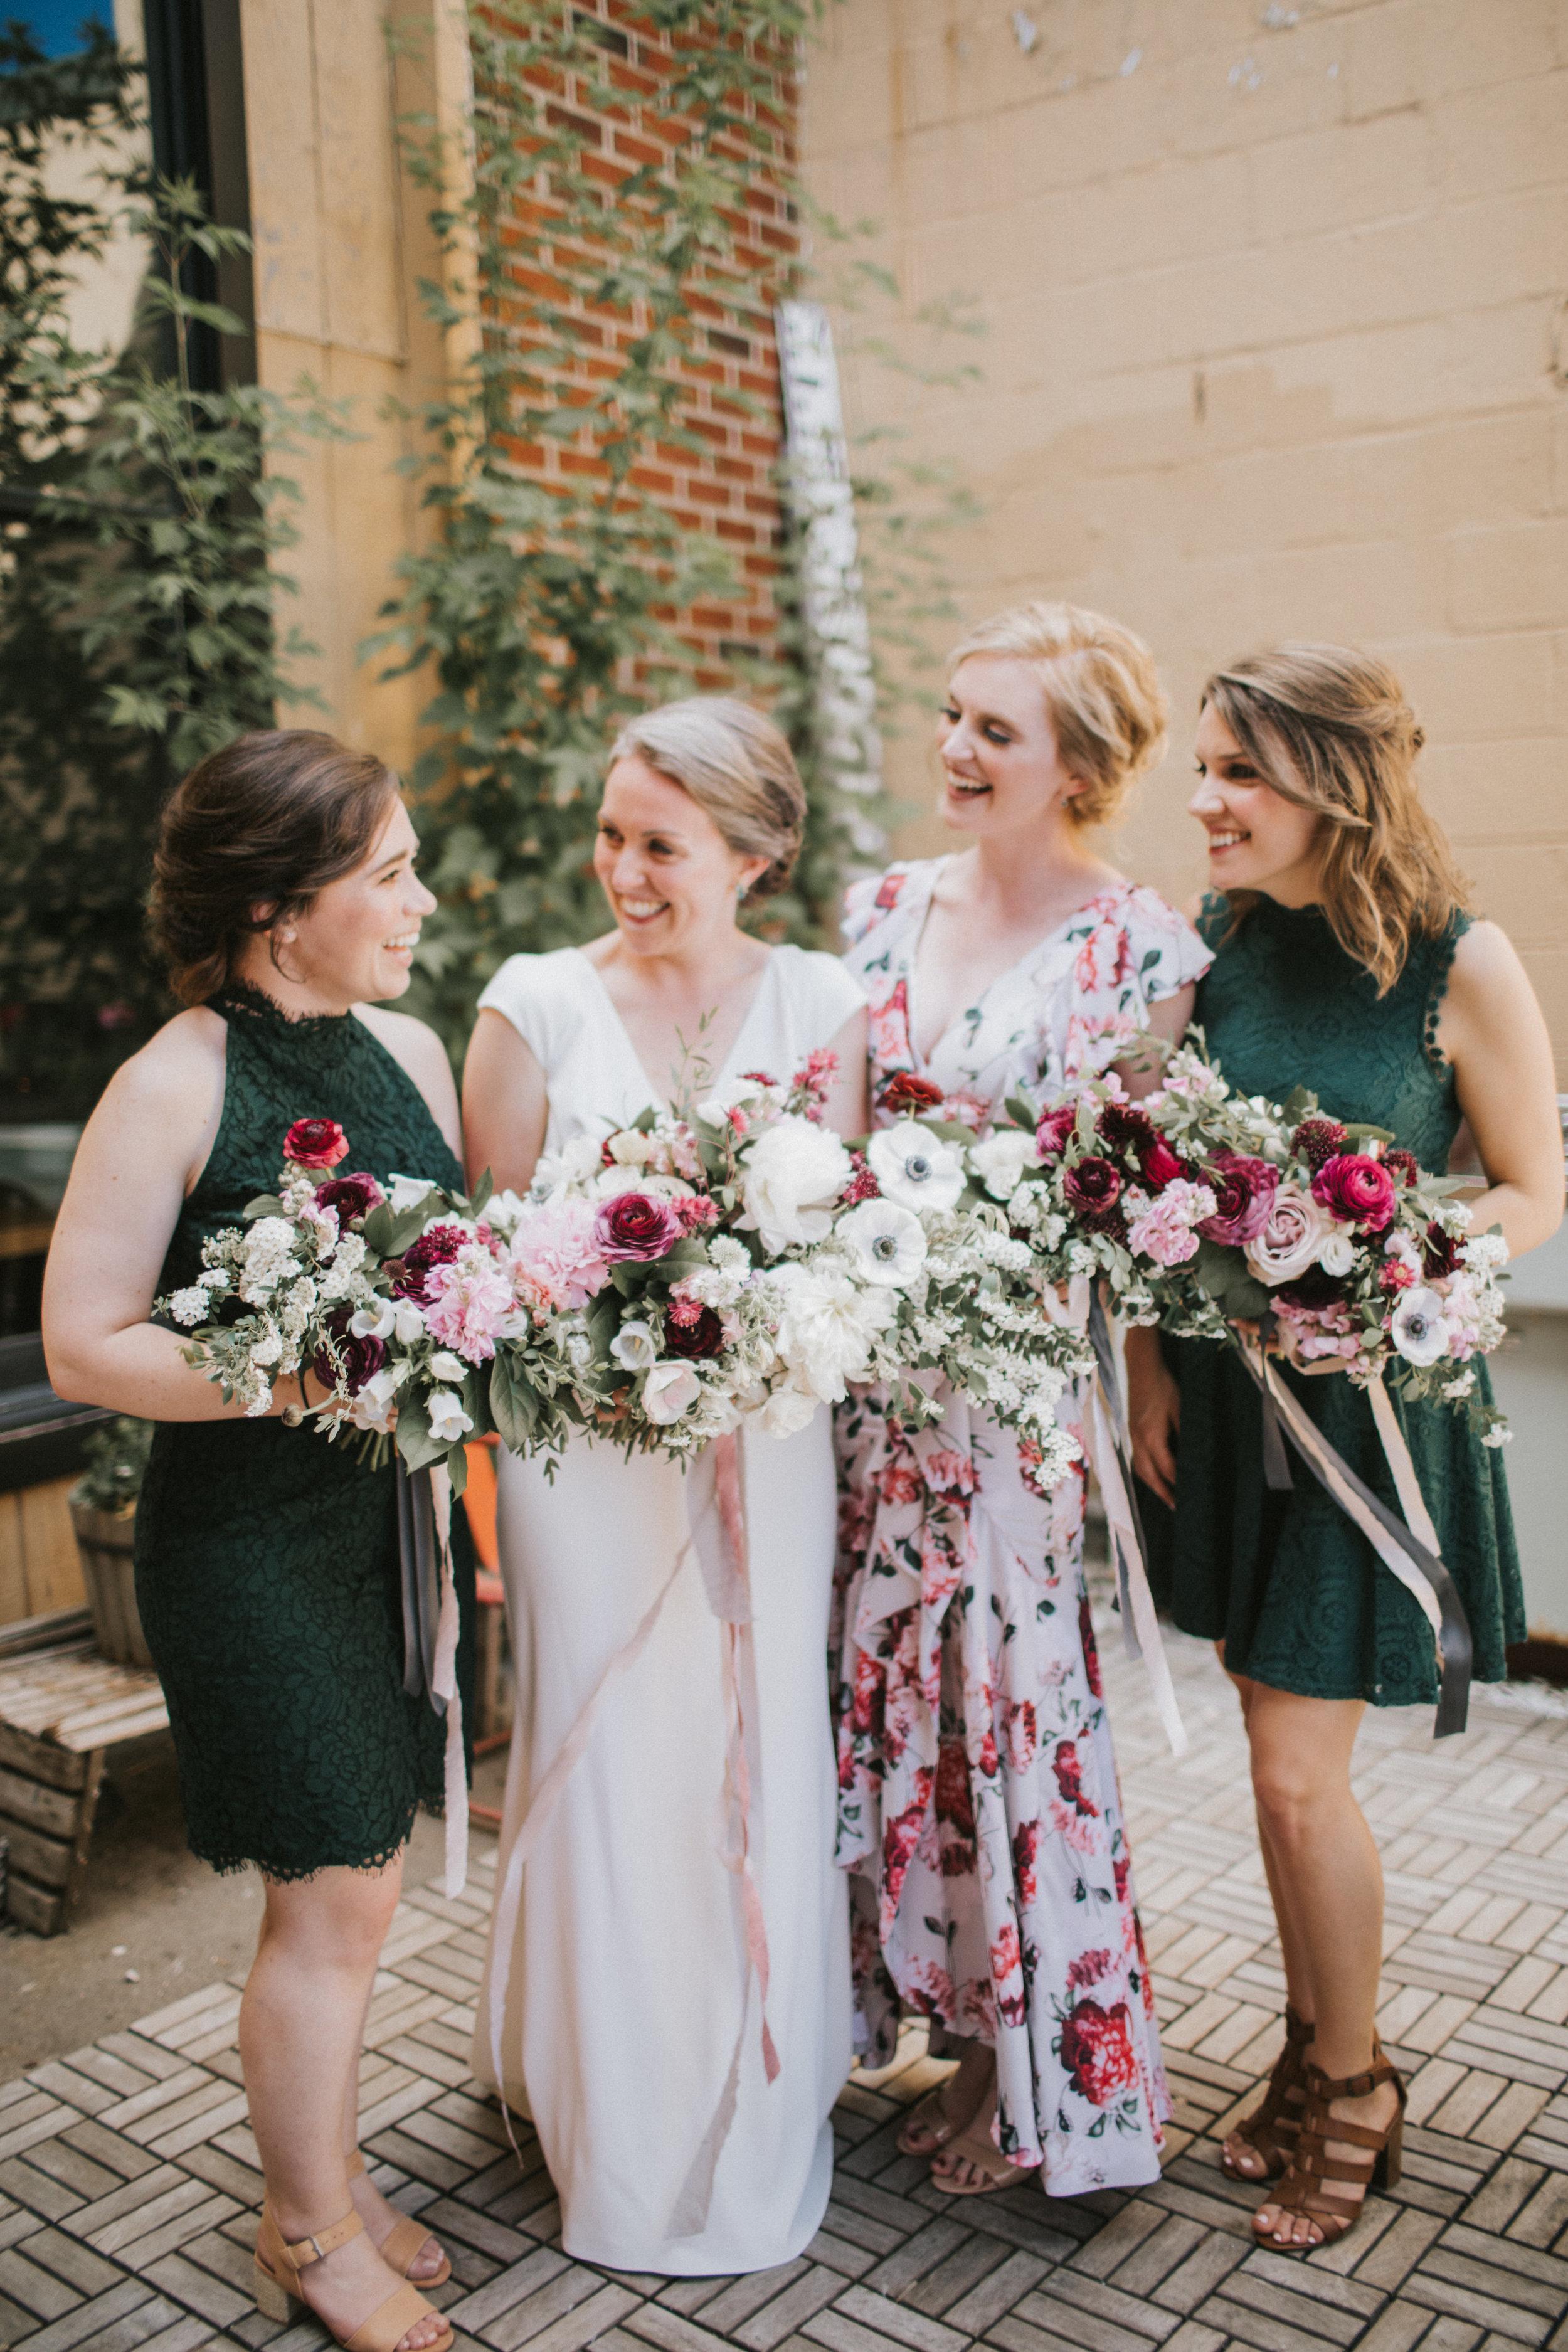 Watershed_Floral_Maine_Wedding_Florist_201.jpg